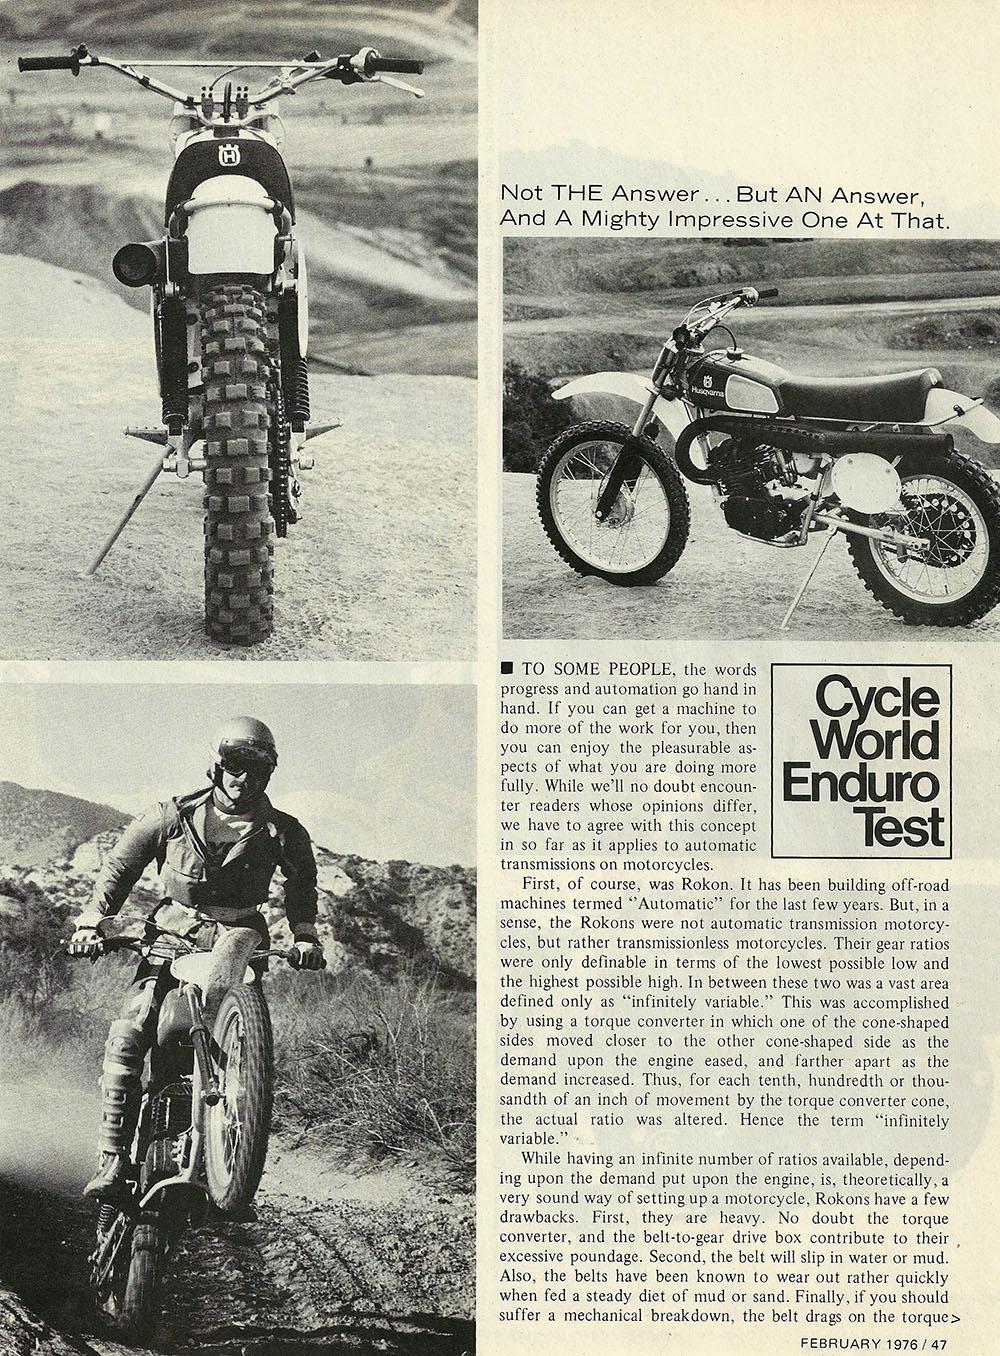 1976 Husqvarna 360 Auto road test 02.jpg